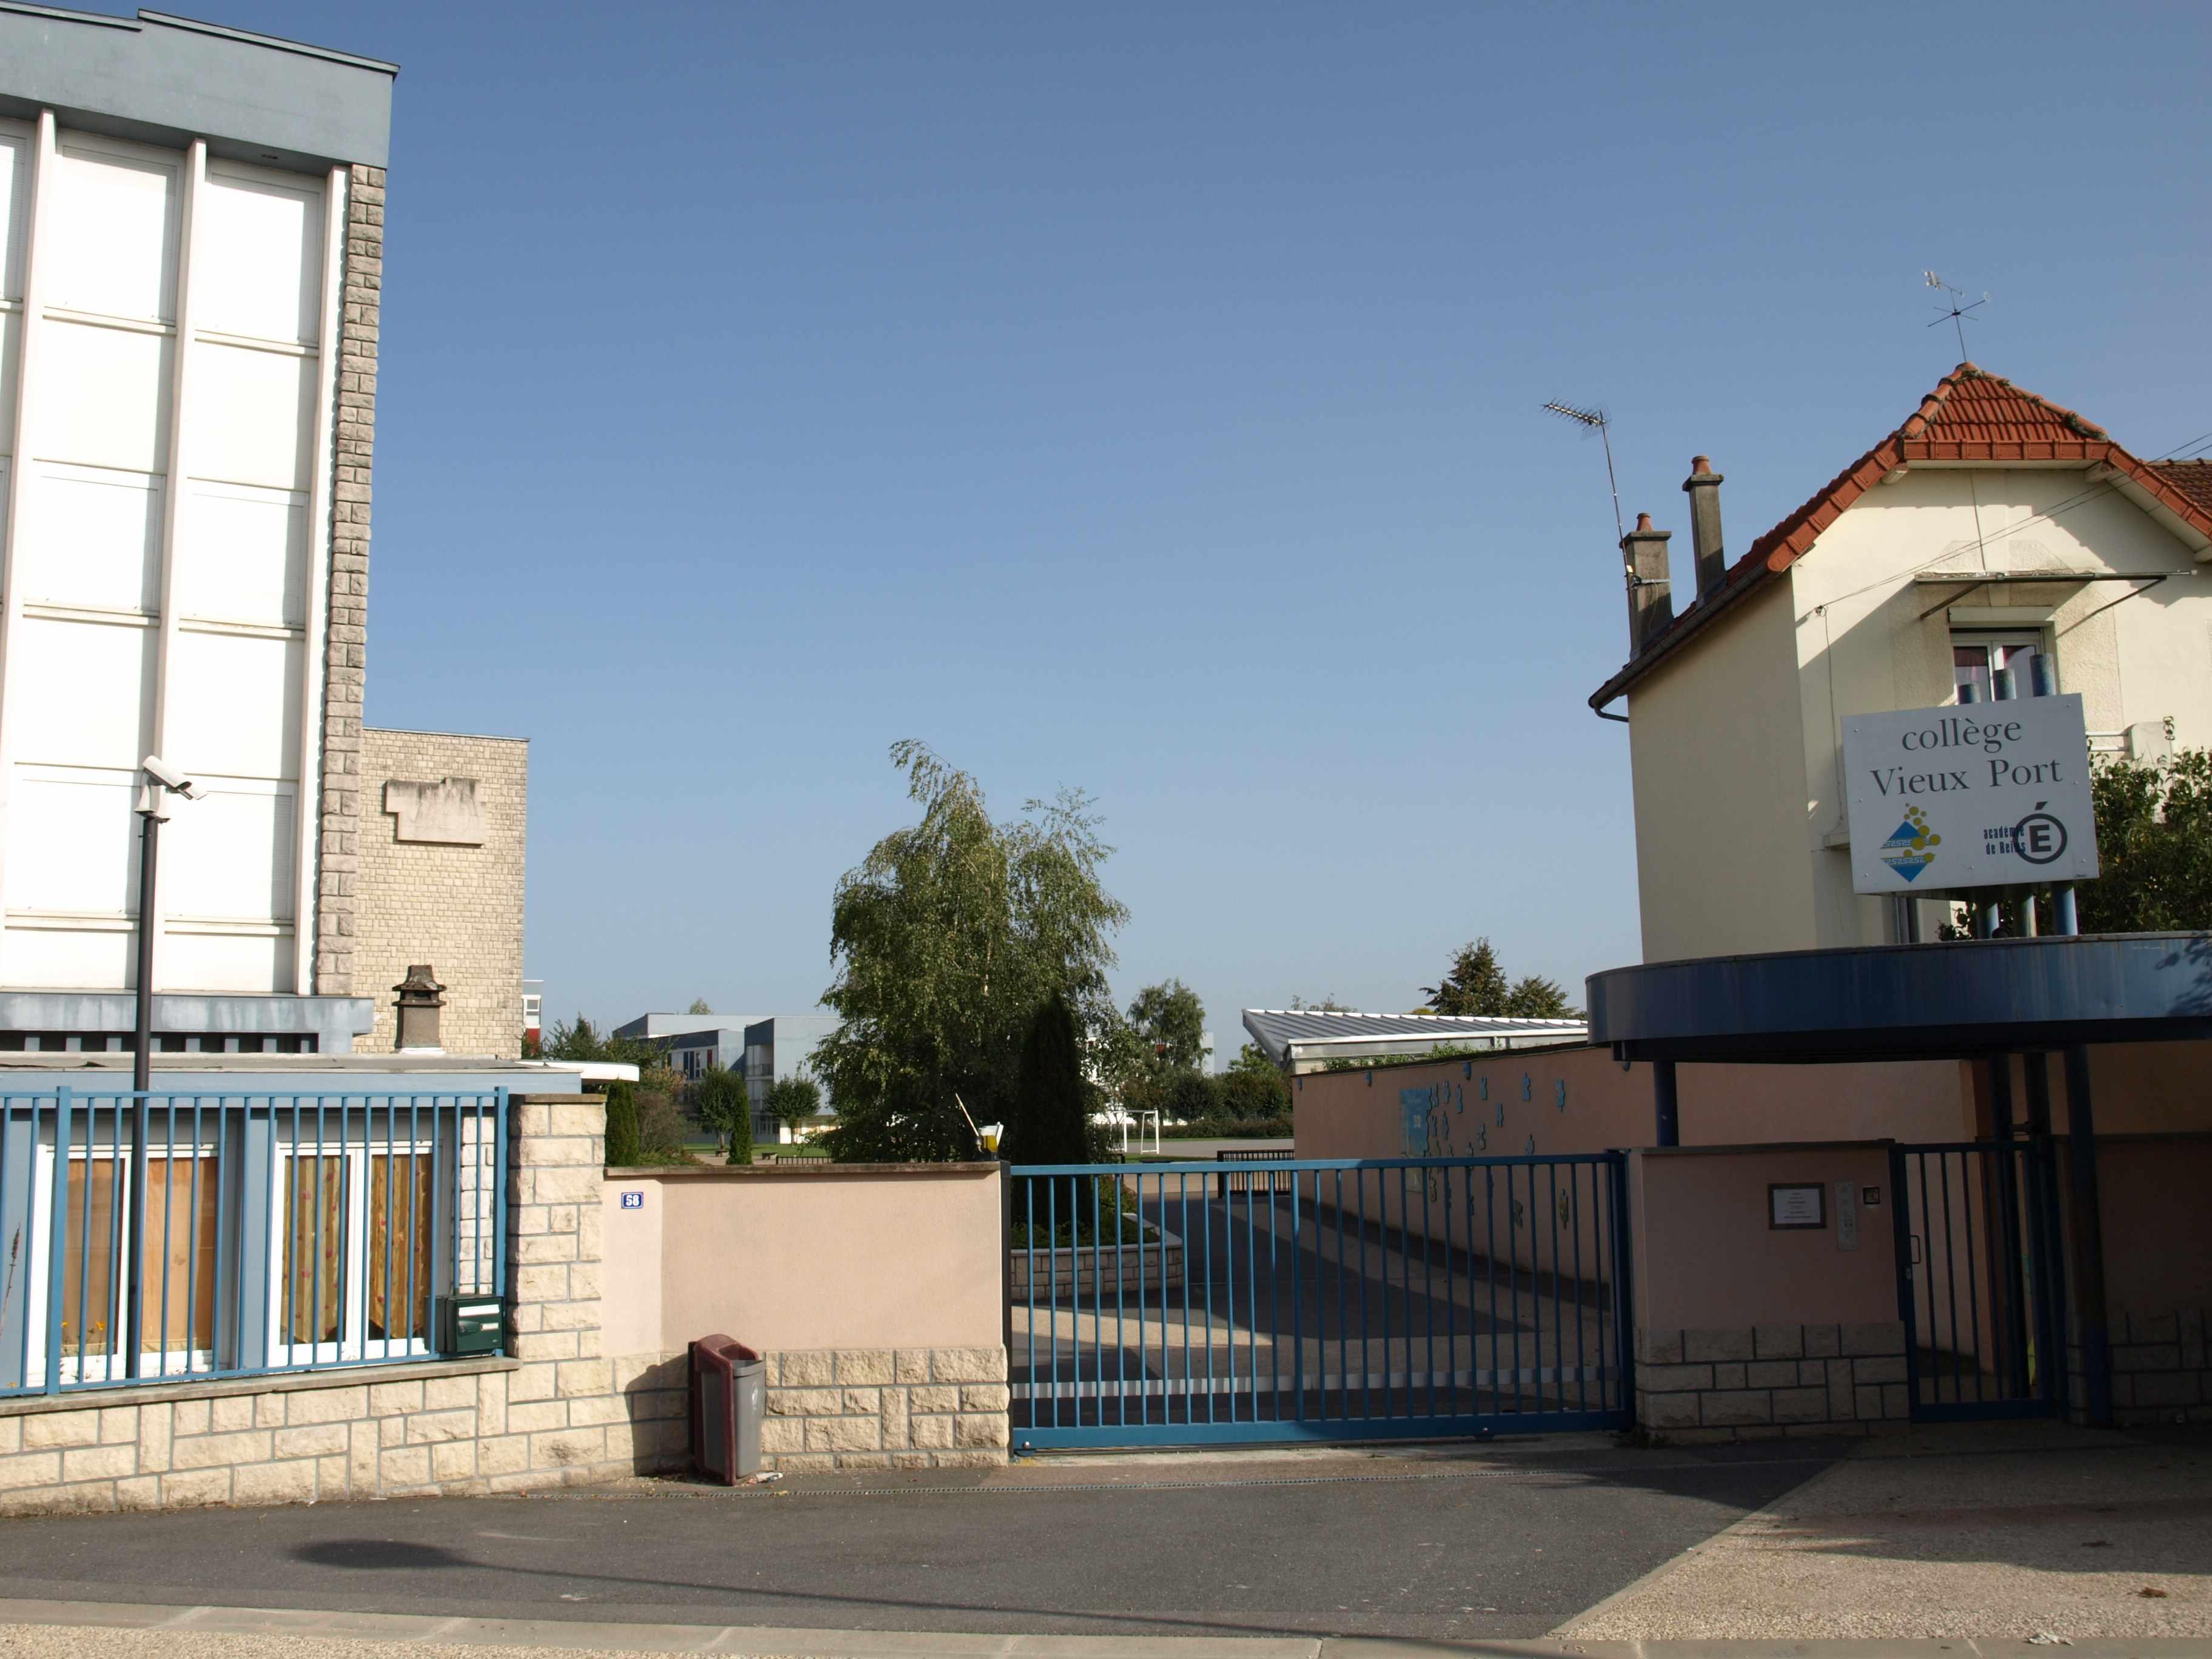 Cit scolaire fran ois ier vitry le fran ois - College du vieux port vitry le francois ...